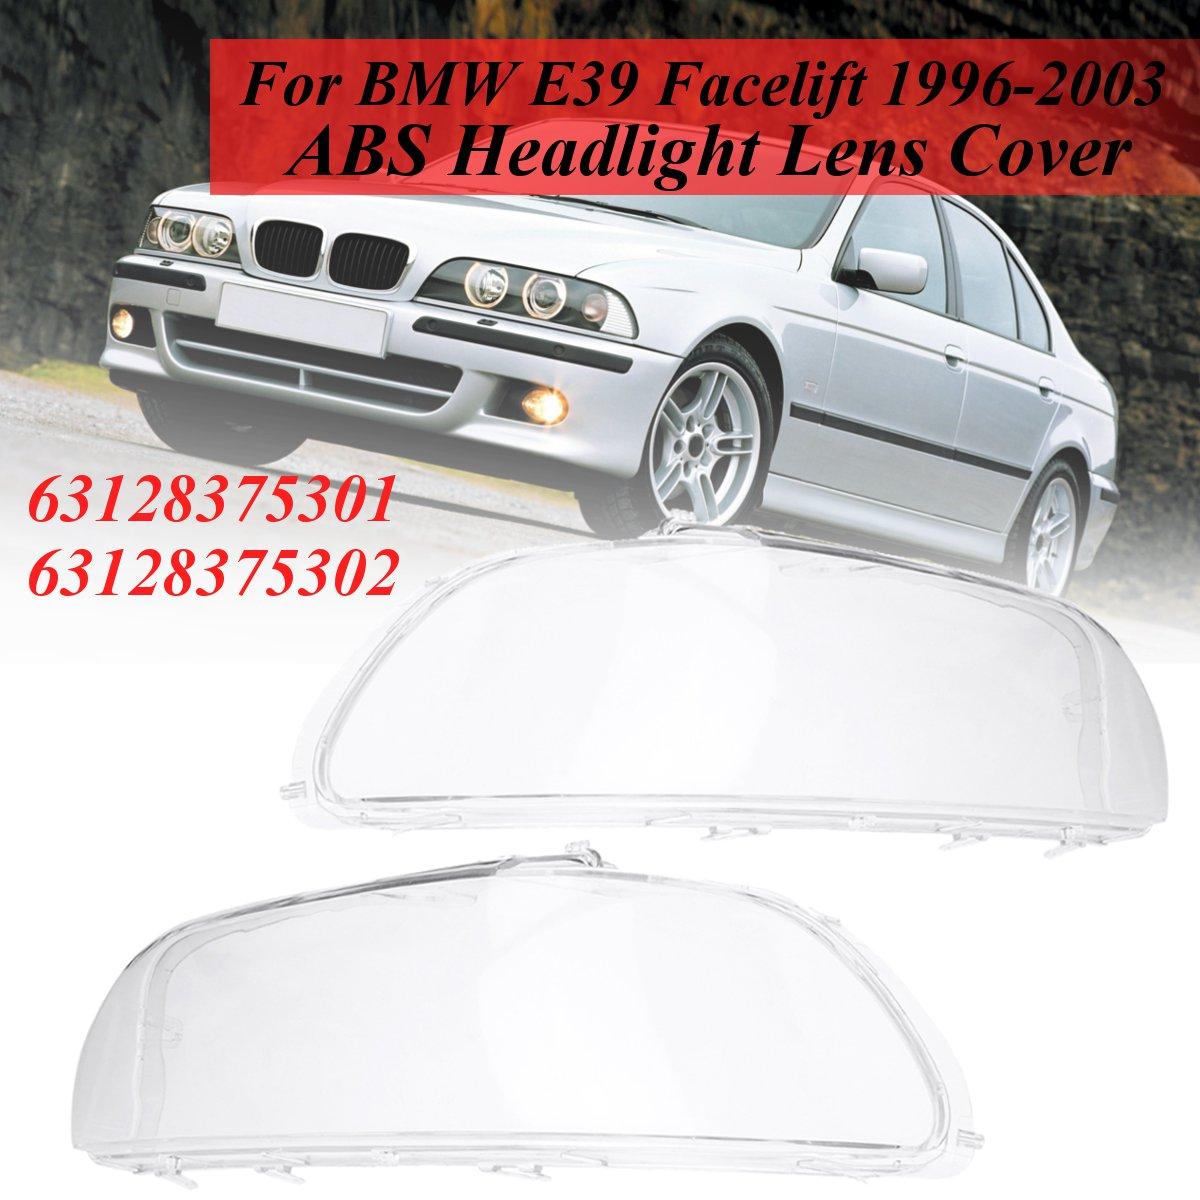 63128375301 63128375302 Paire Clair Lentille de Phare Pour BMW E39 Lifting 1996 1997 1998 1999 2000 2001 2002 2003